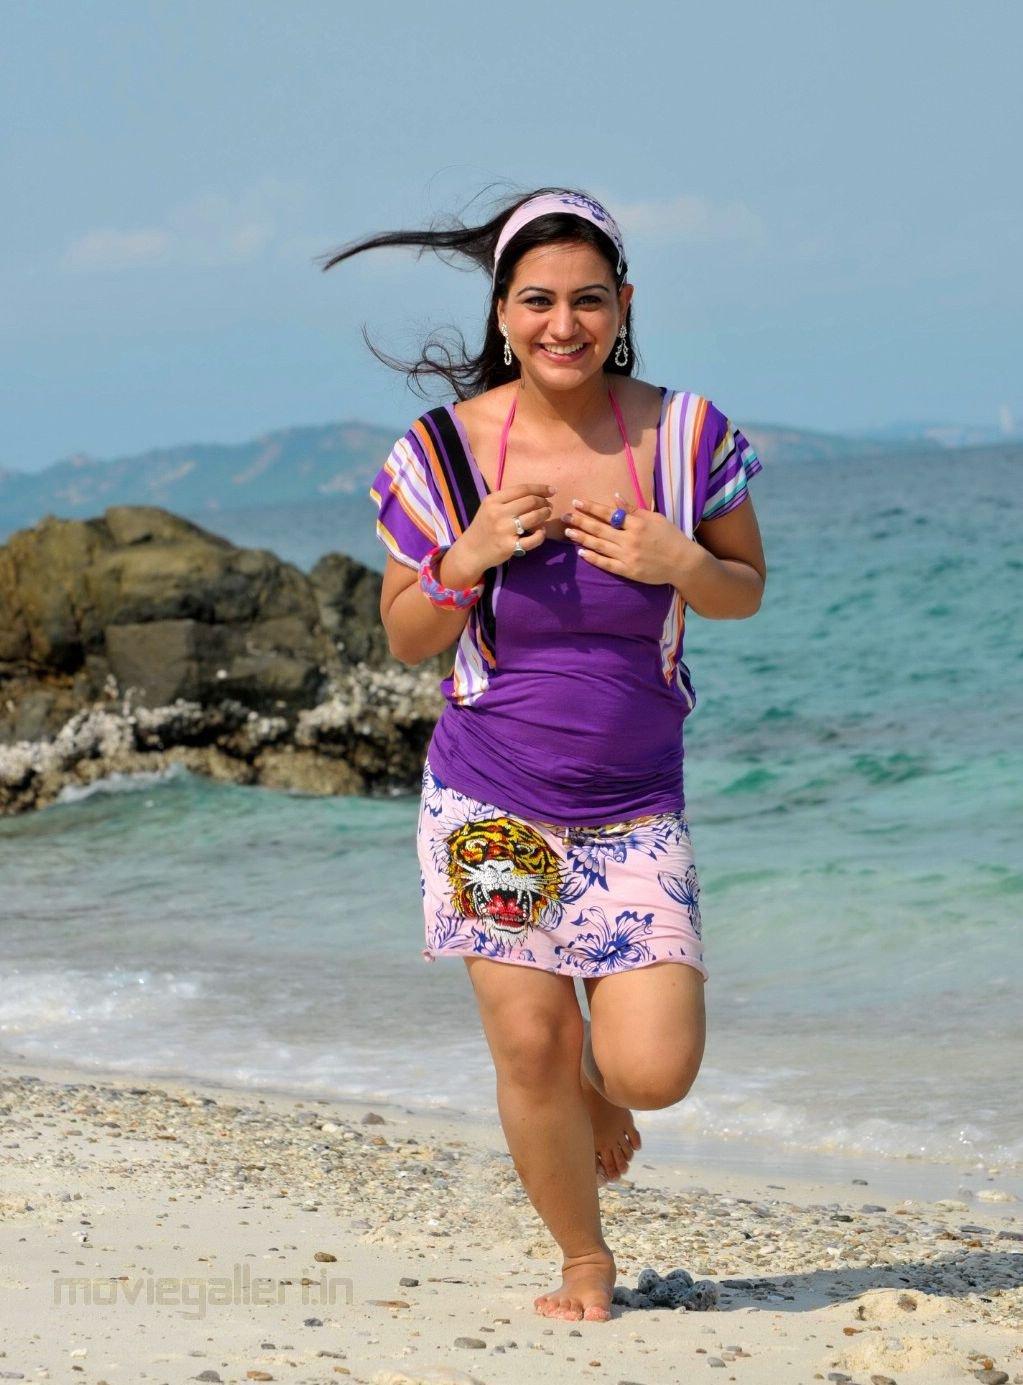 looking hot at beach photo stills actress aksha beach shoot pic s